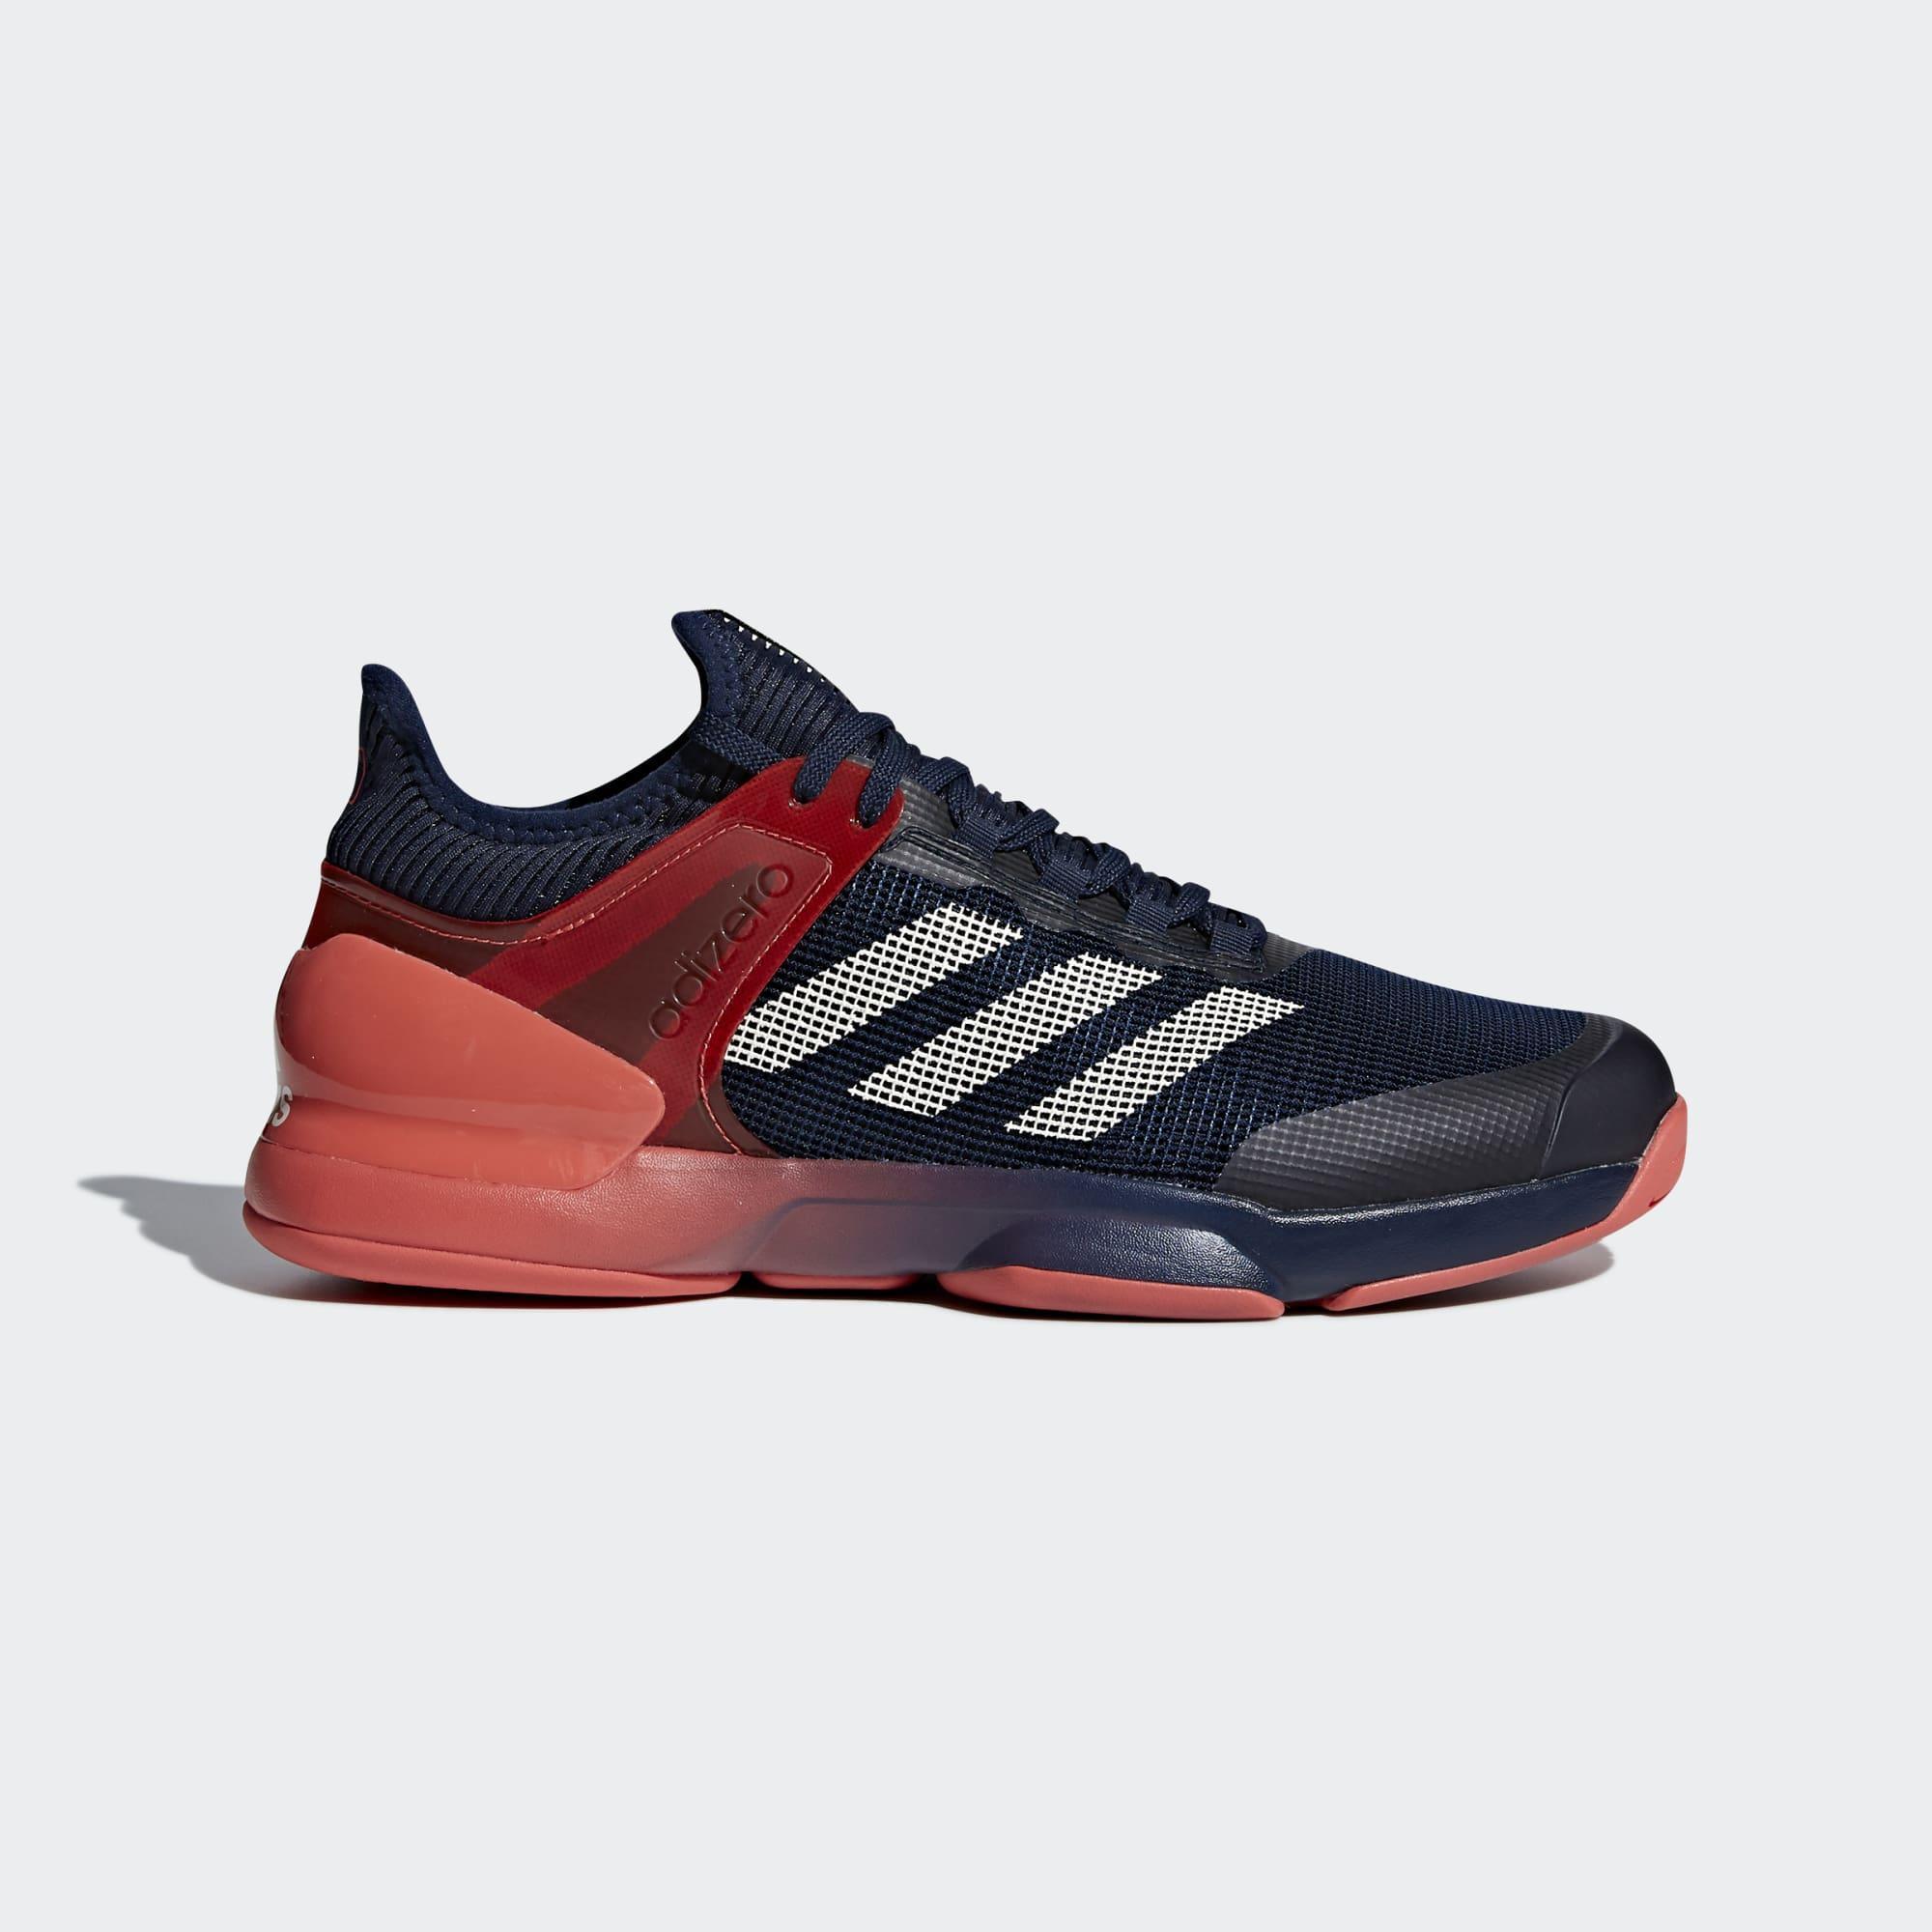 614961018 Adidas Mens Adizero Ubersonic 2.0 Tennis Shoes - Navy Blue Red -  Tennisnuts.com